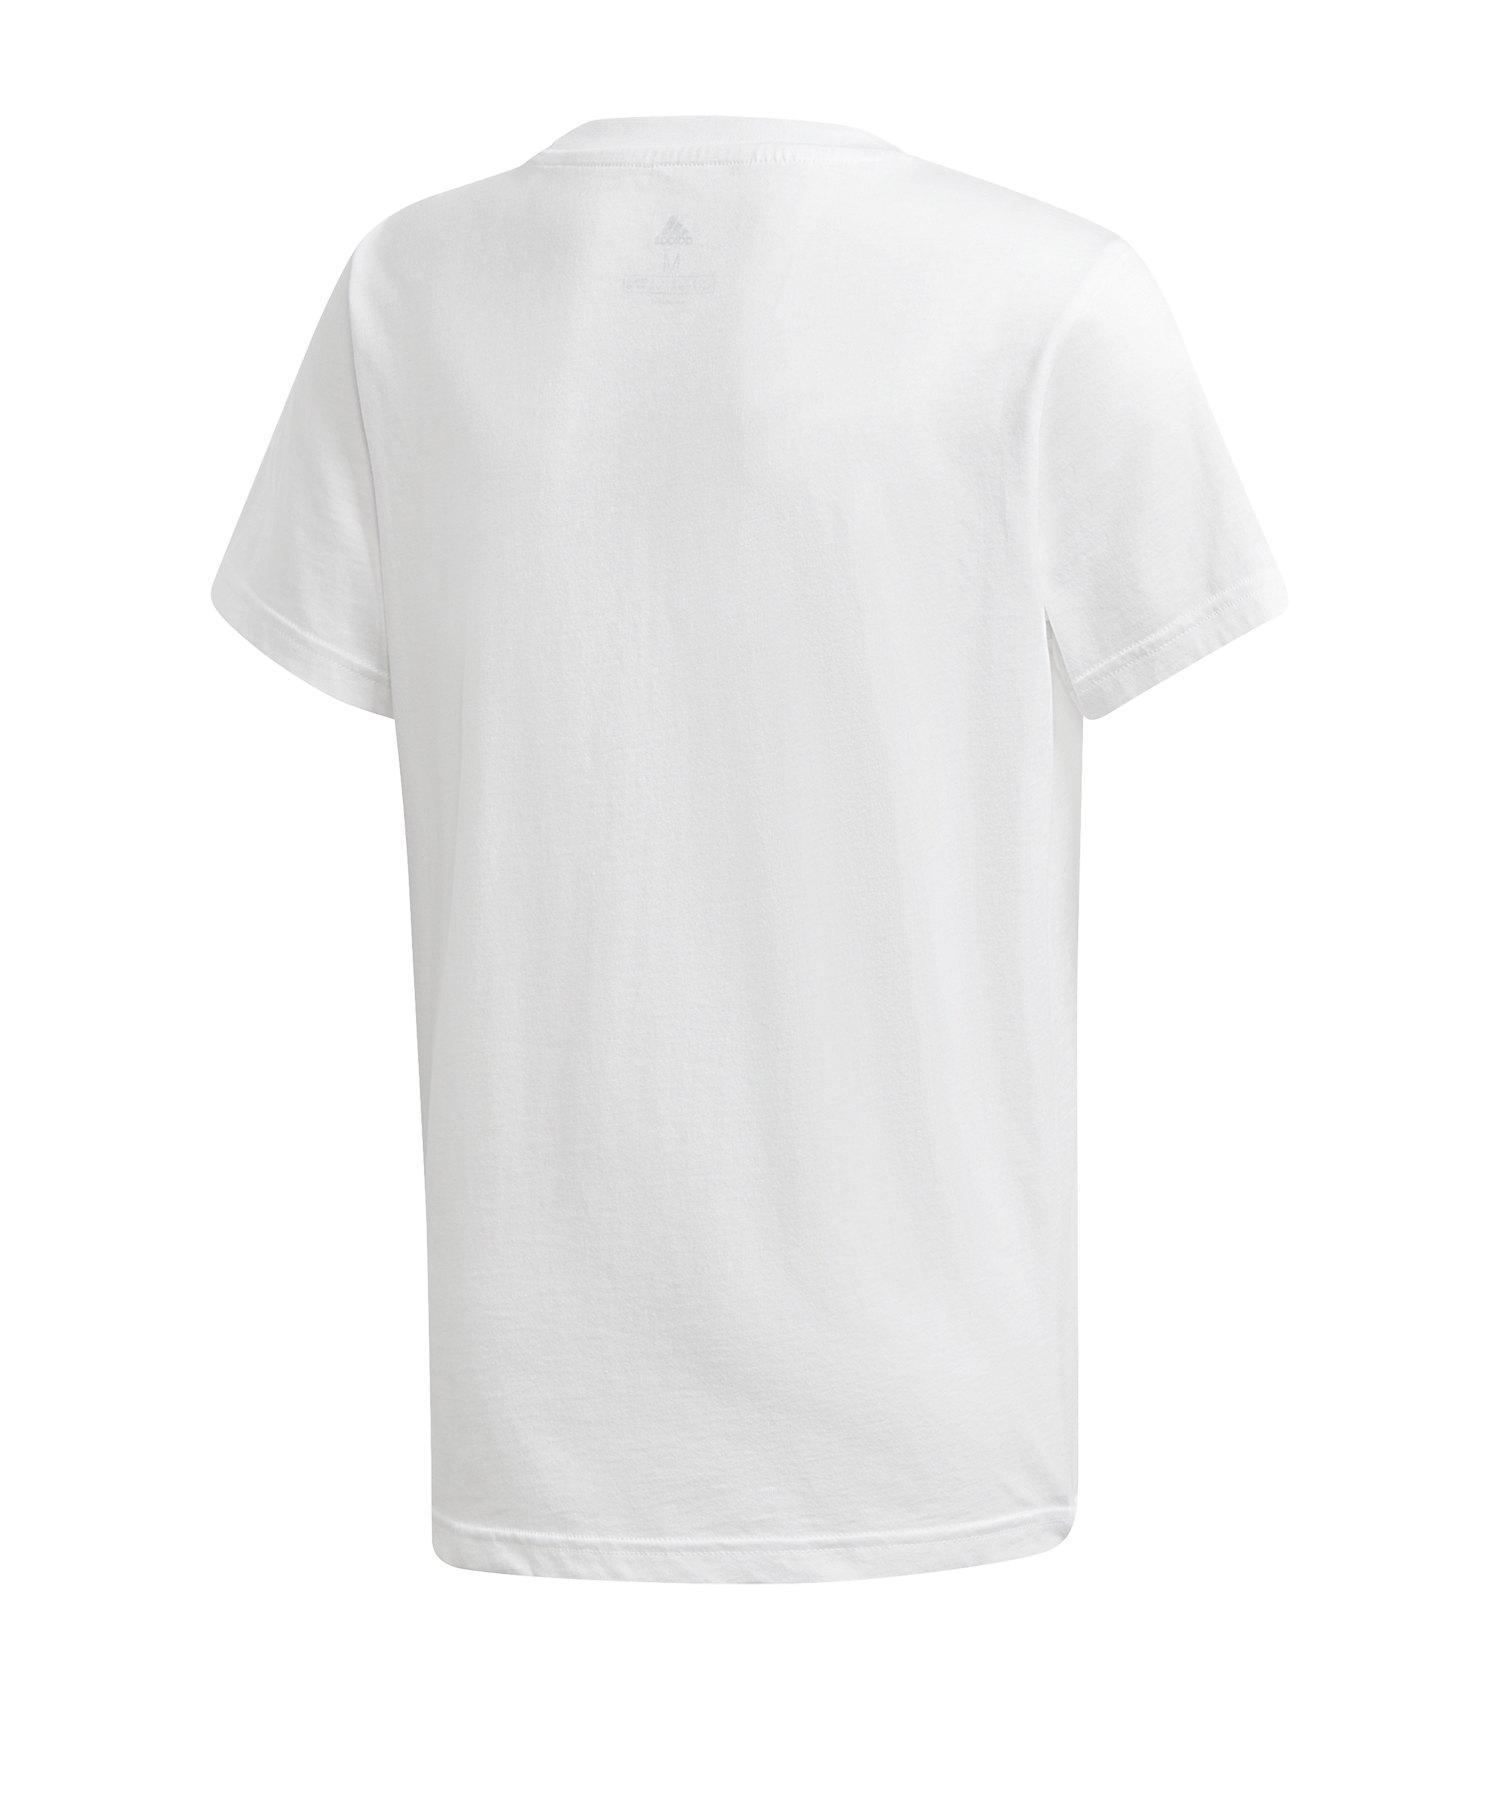 adidas Originals Trefoil T Shirt weiß weiß